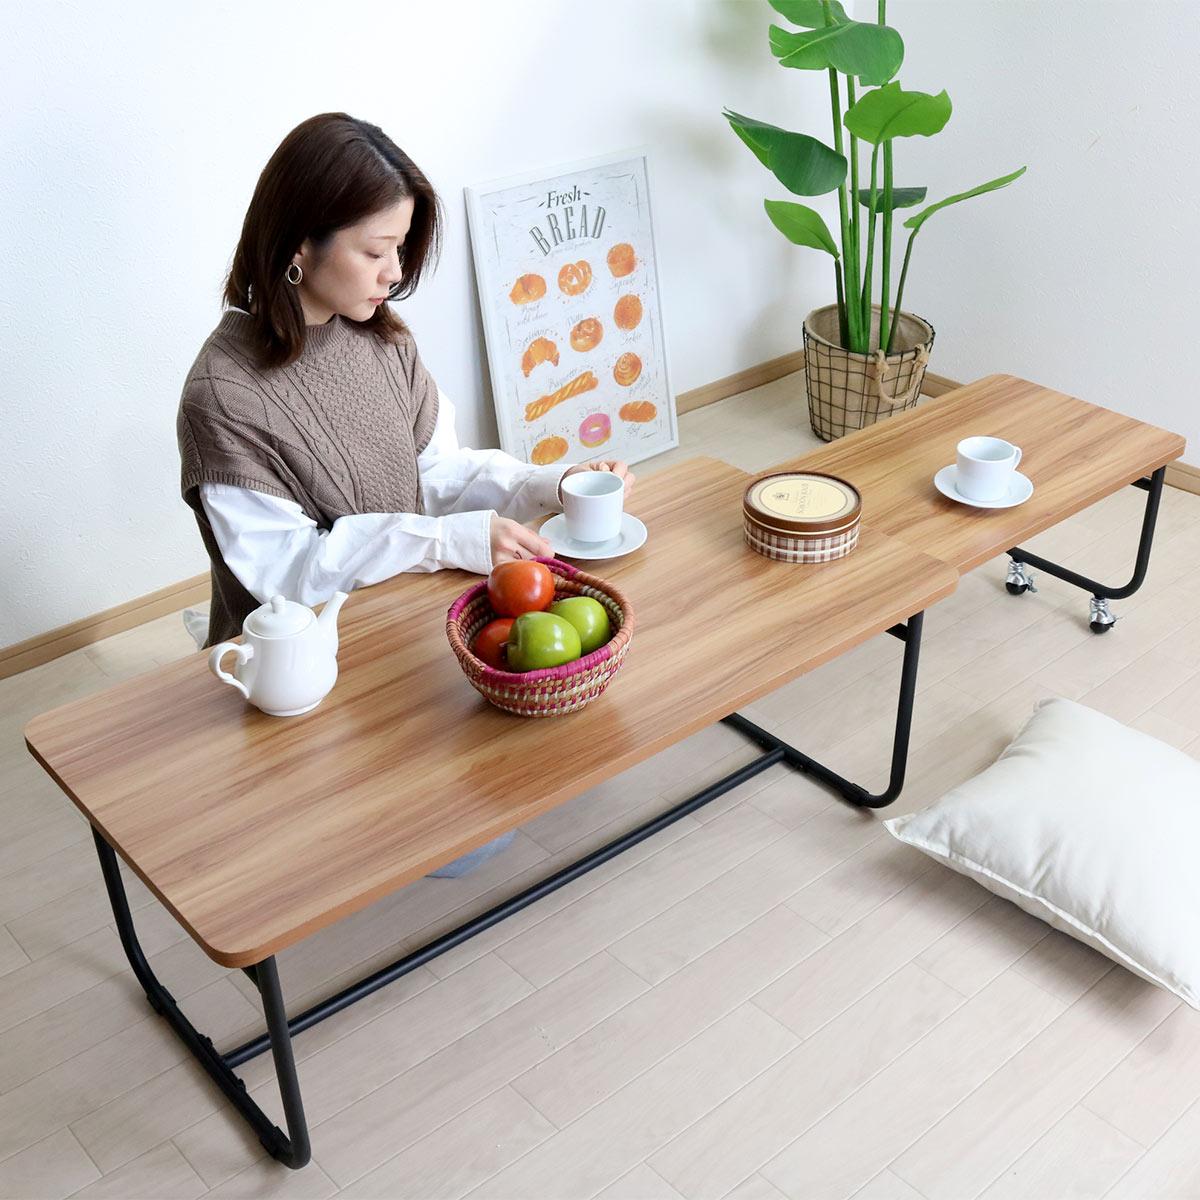 ネストテーブル 伸縮テーブル MUSH(マッシュ) 幅105~169cm ( 送料無料 リビングテーブル ローテーブル センターテーブル デスク コーヒーテーブル 木目柄 レトロ )